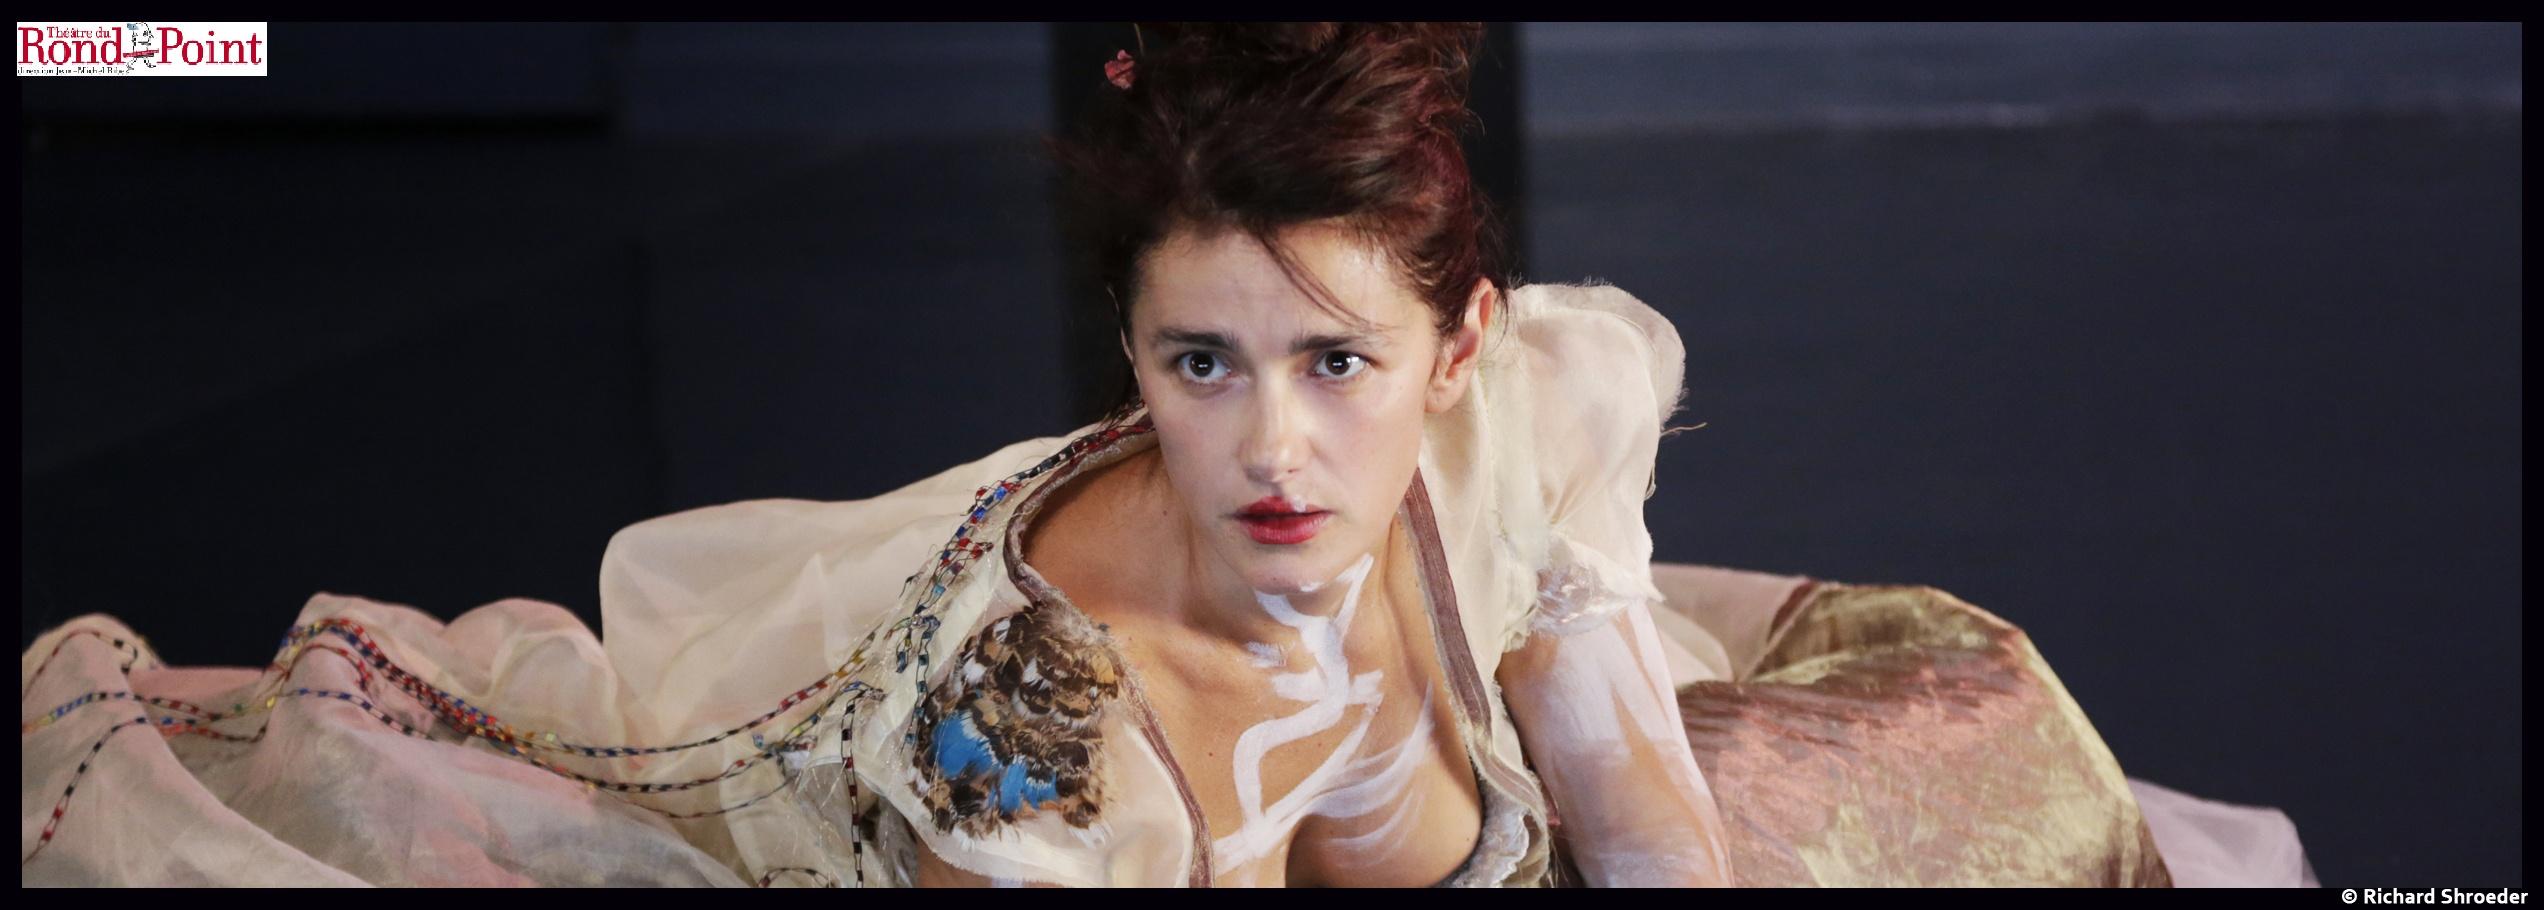 princesse_vieille_reine_Marie_Vialle_Pascal_quignard©richard_schroeder_5_@loeildoliv